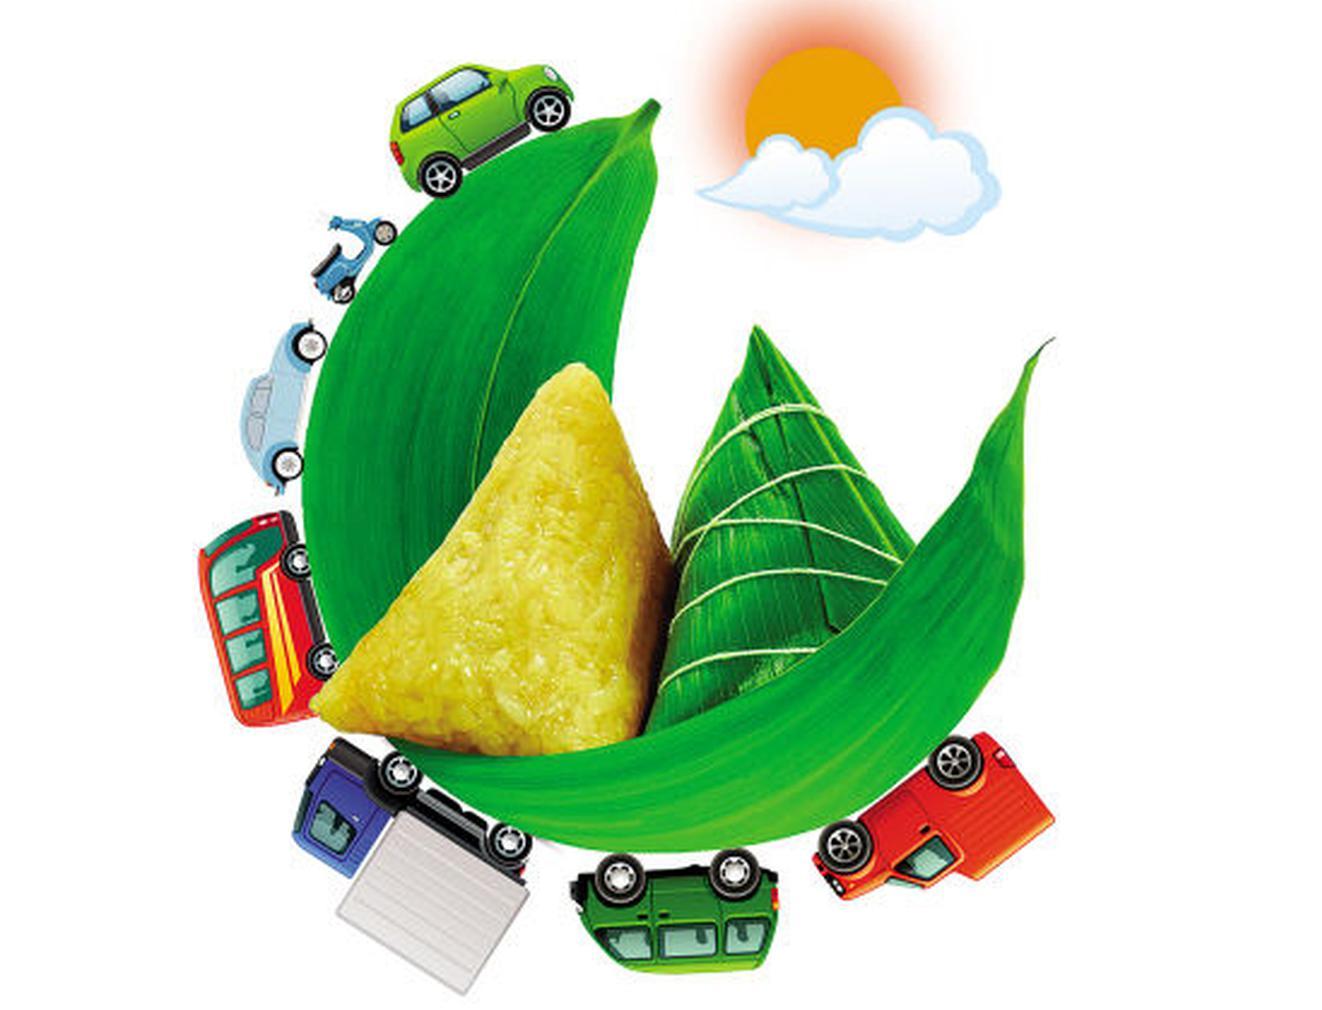 3天納客42.6萬人次 金普新區端午小長假旅游再迎高峰